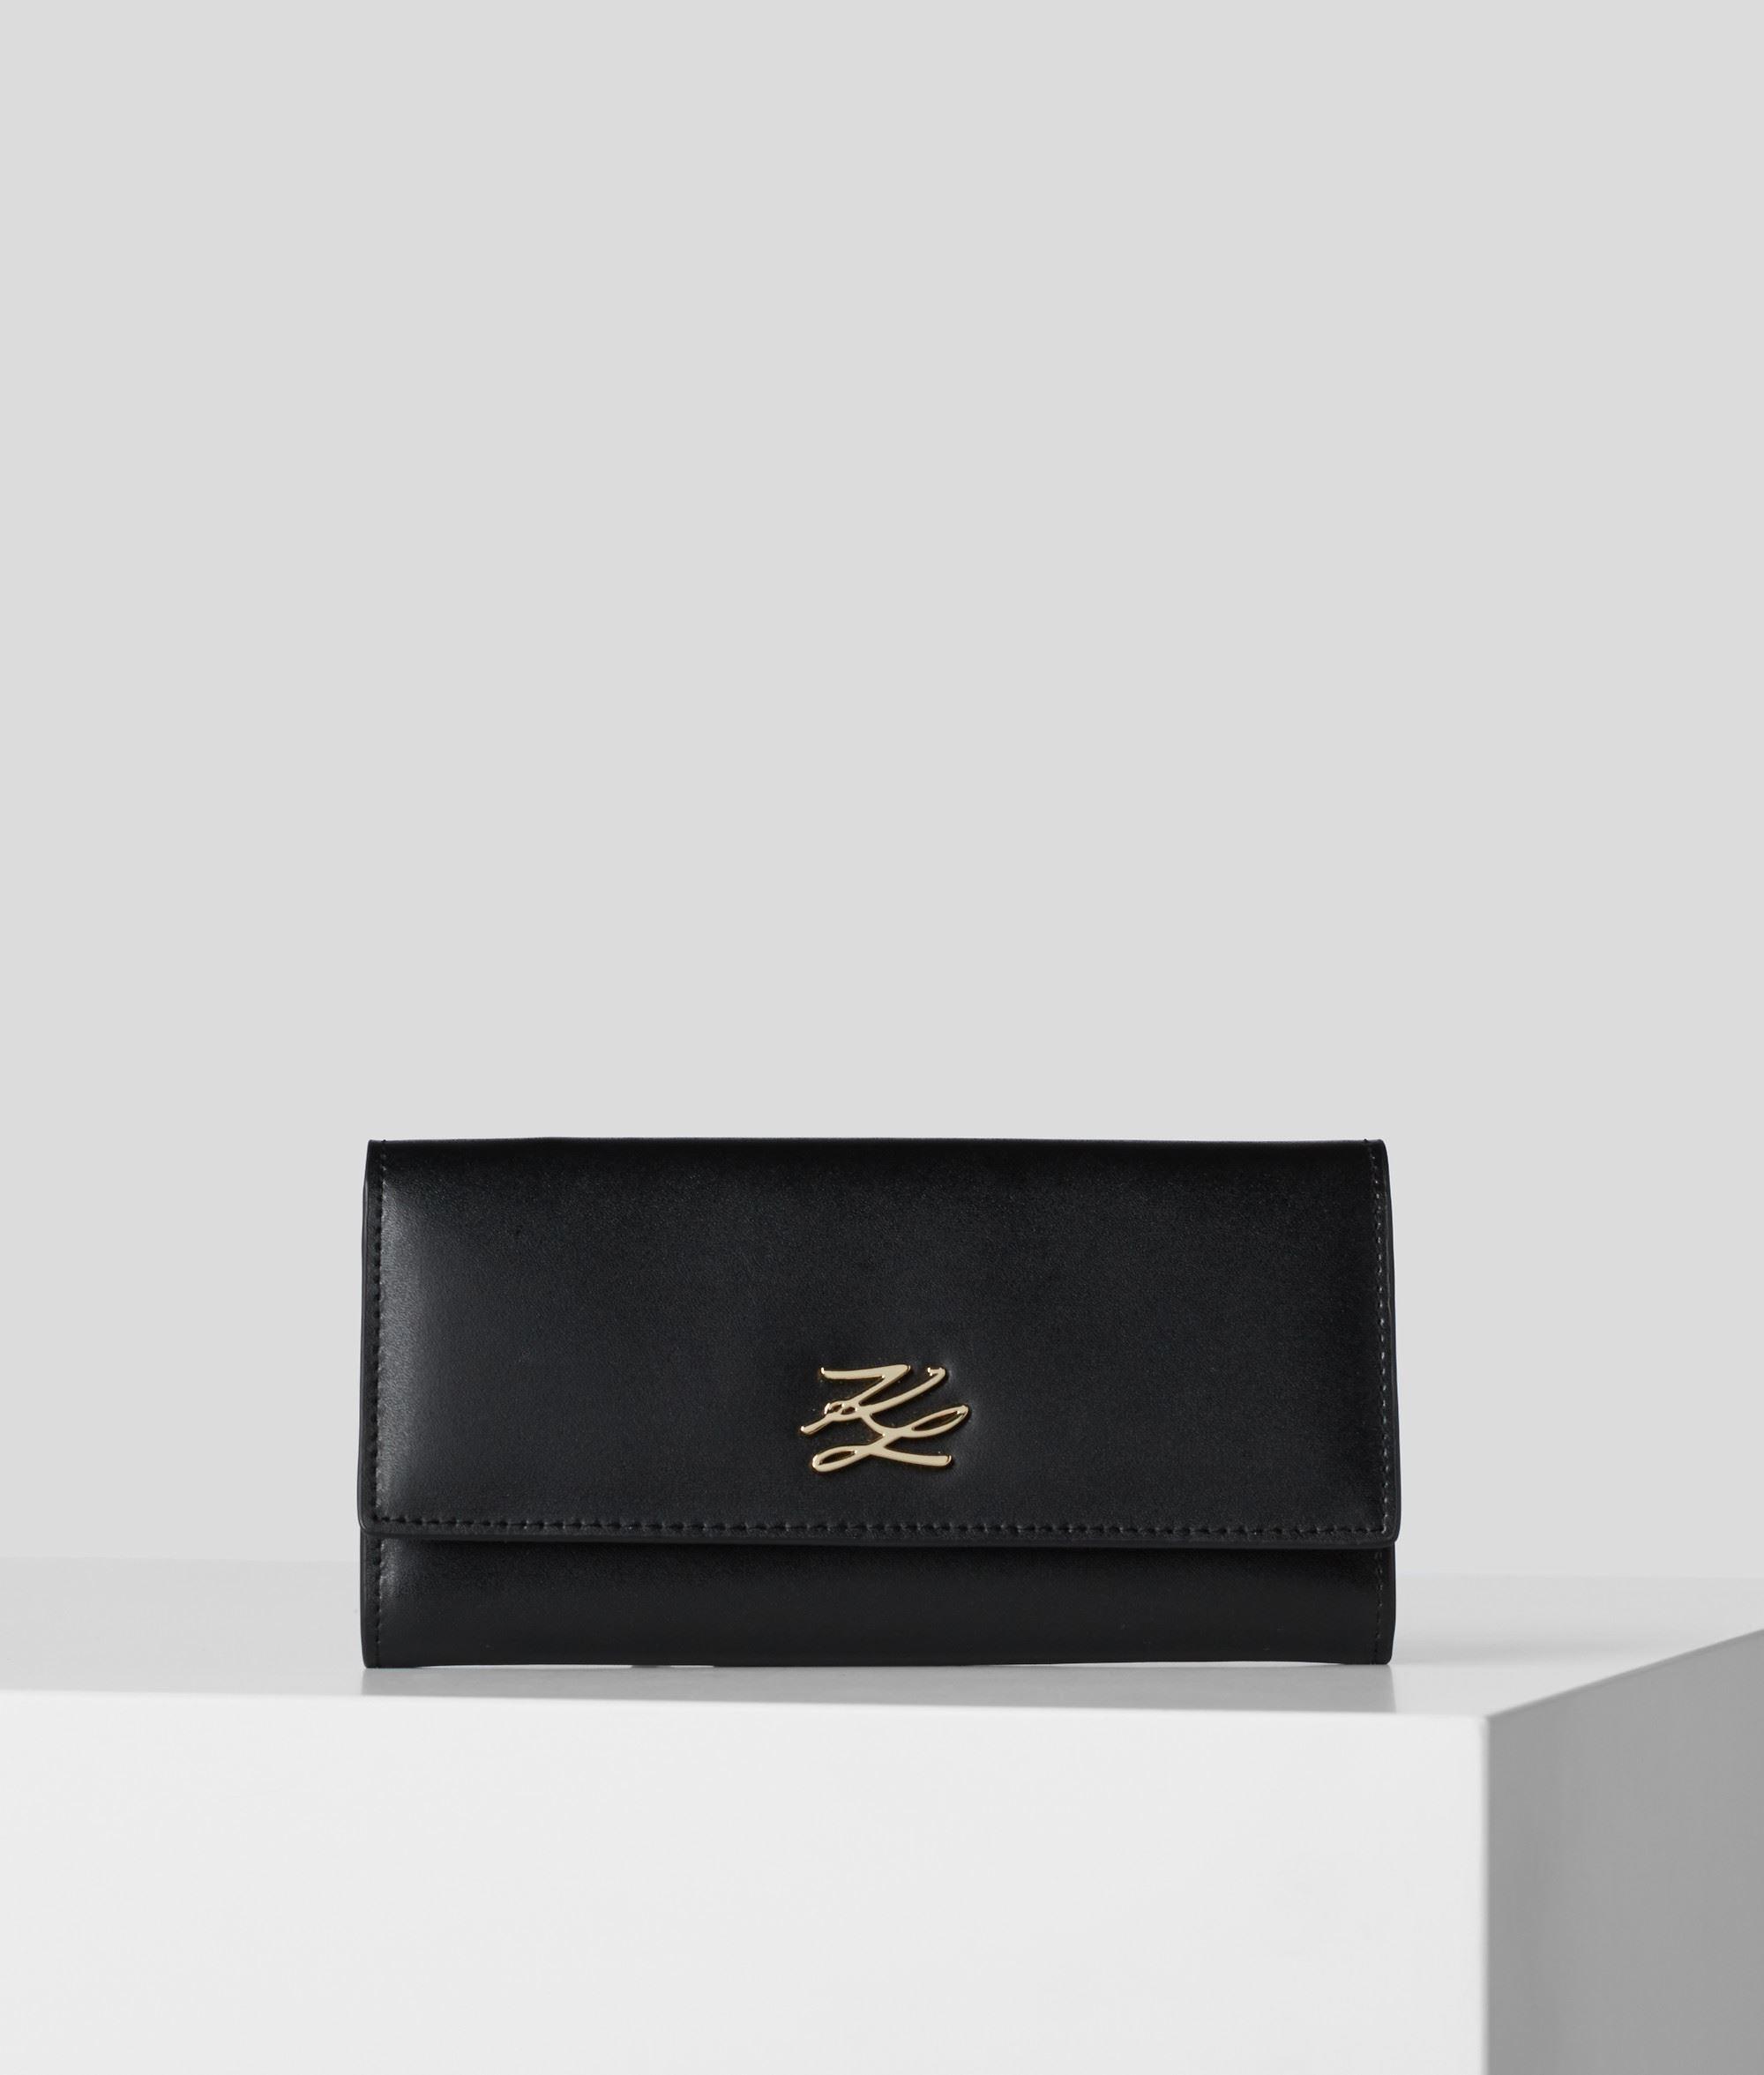 KARL LAGERFELD |  Wallets | 211W3233997/A997